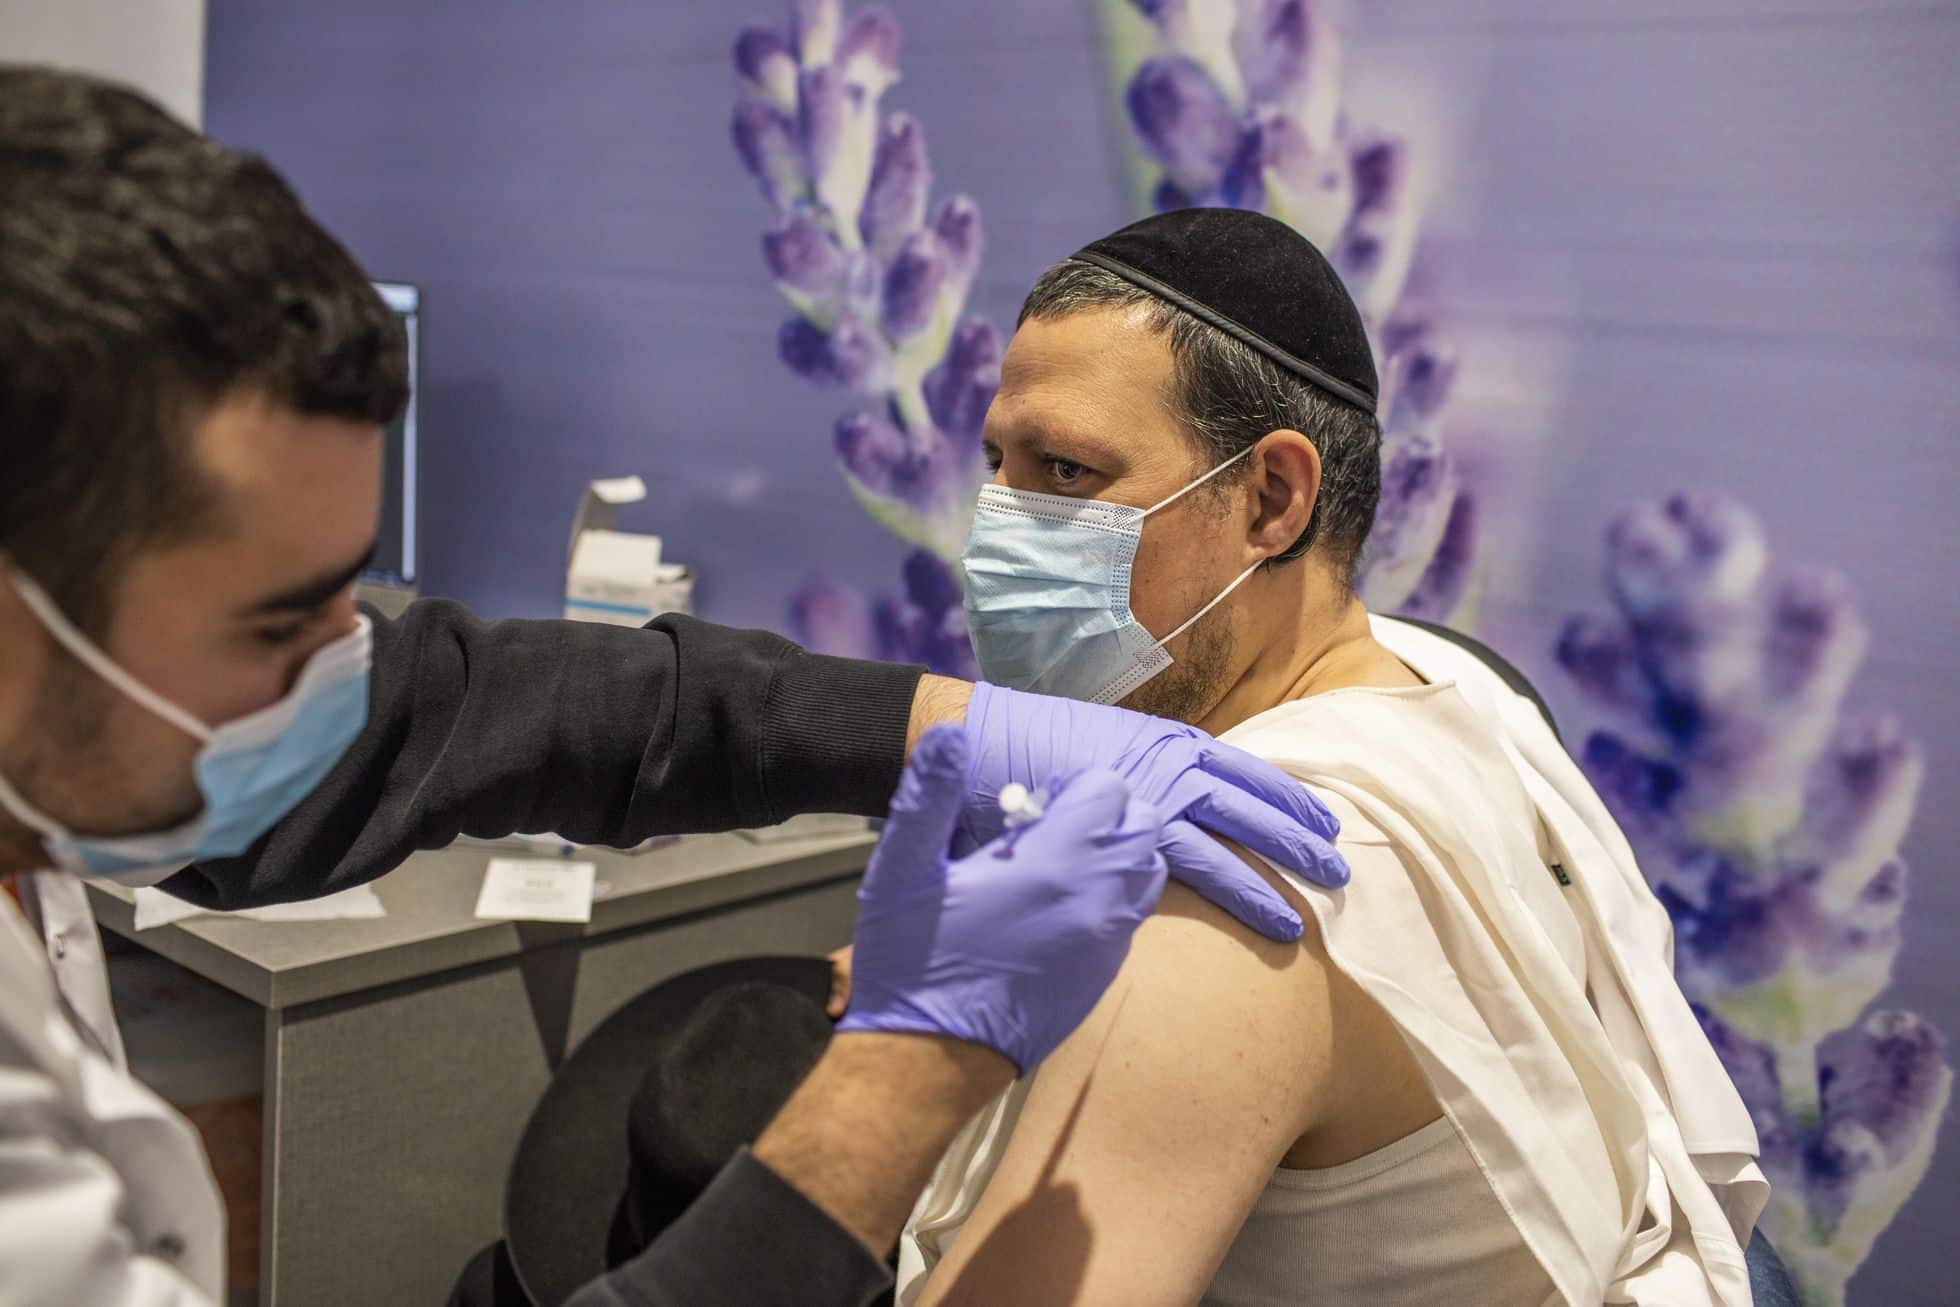 11 mii de noi cazuri în Israel deși a vaccinat aproape toată populația